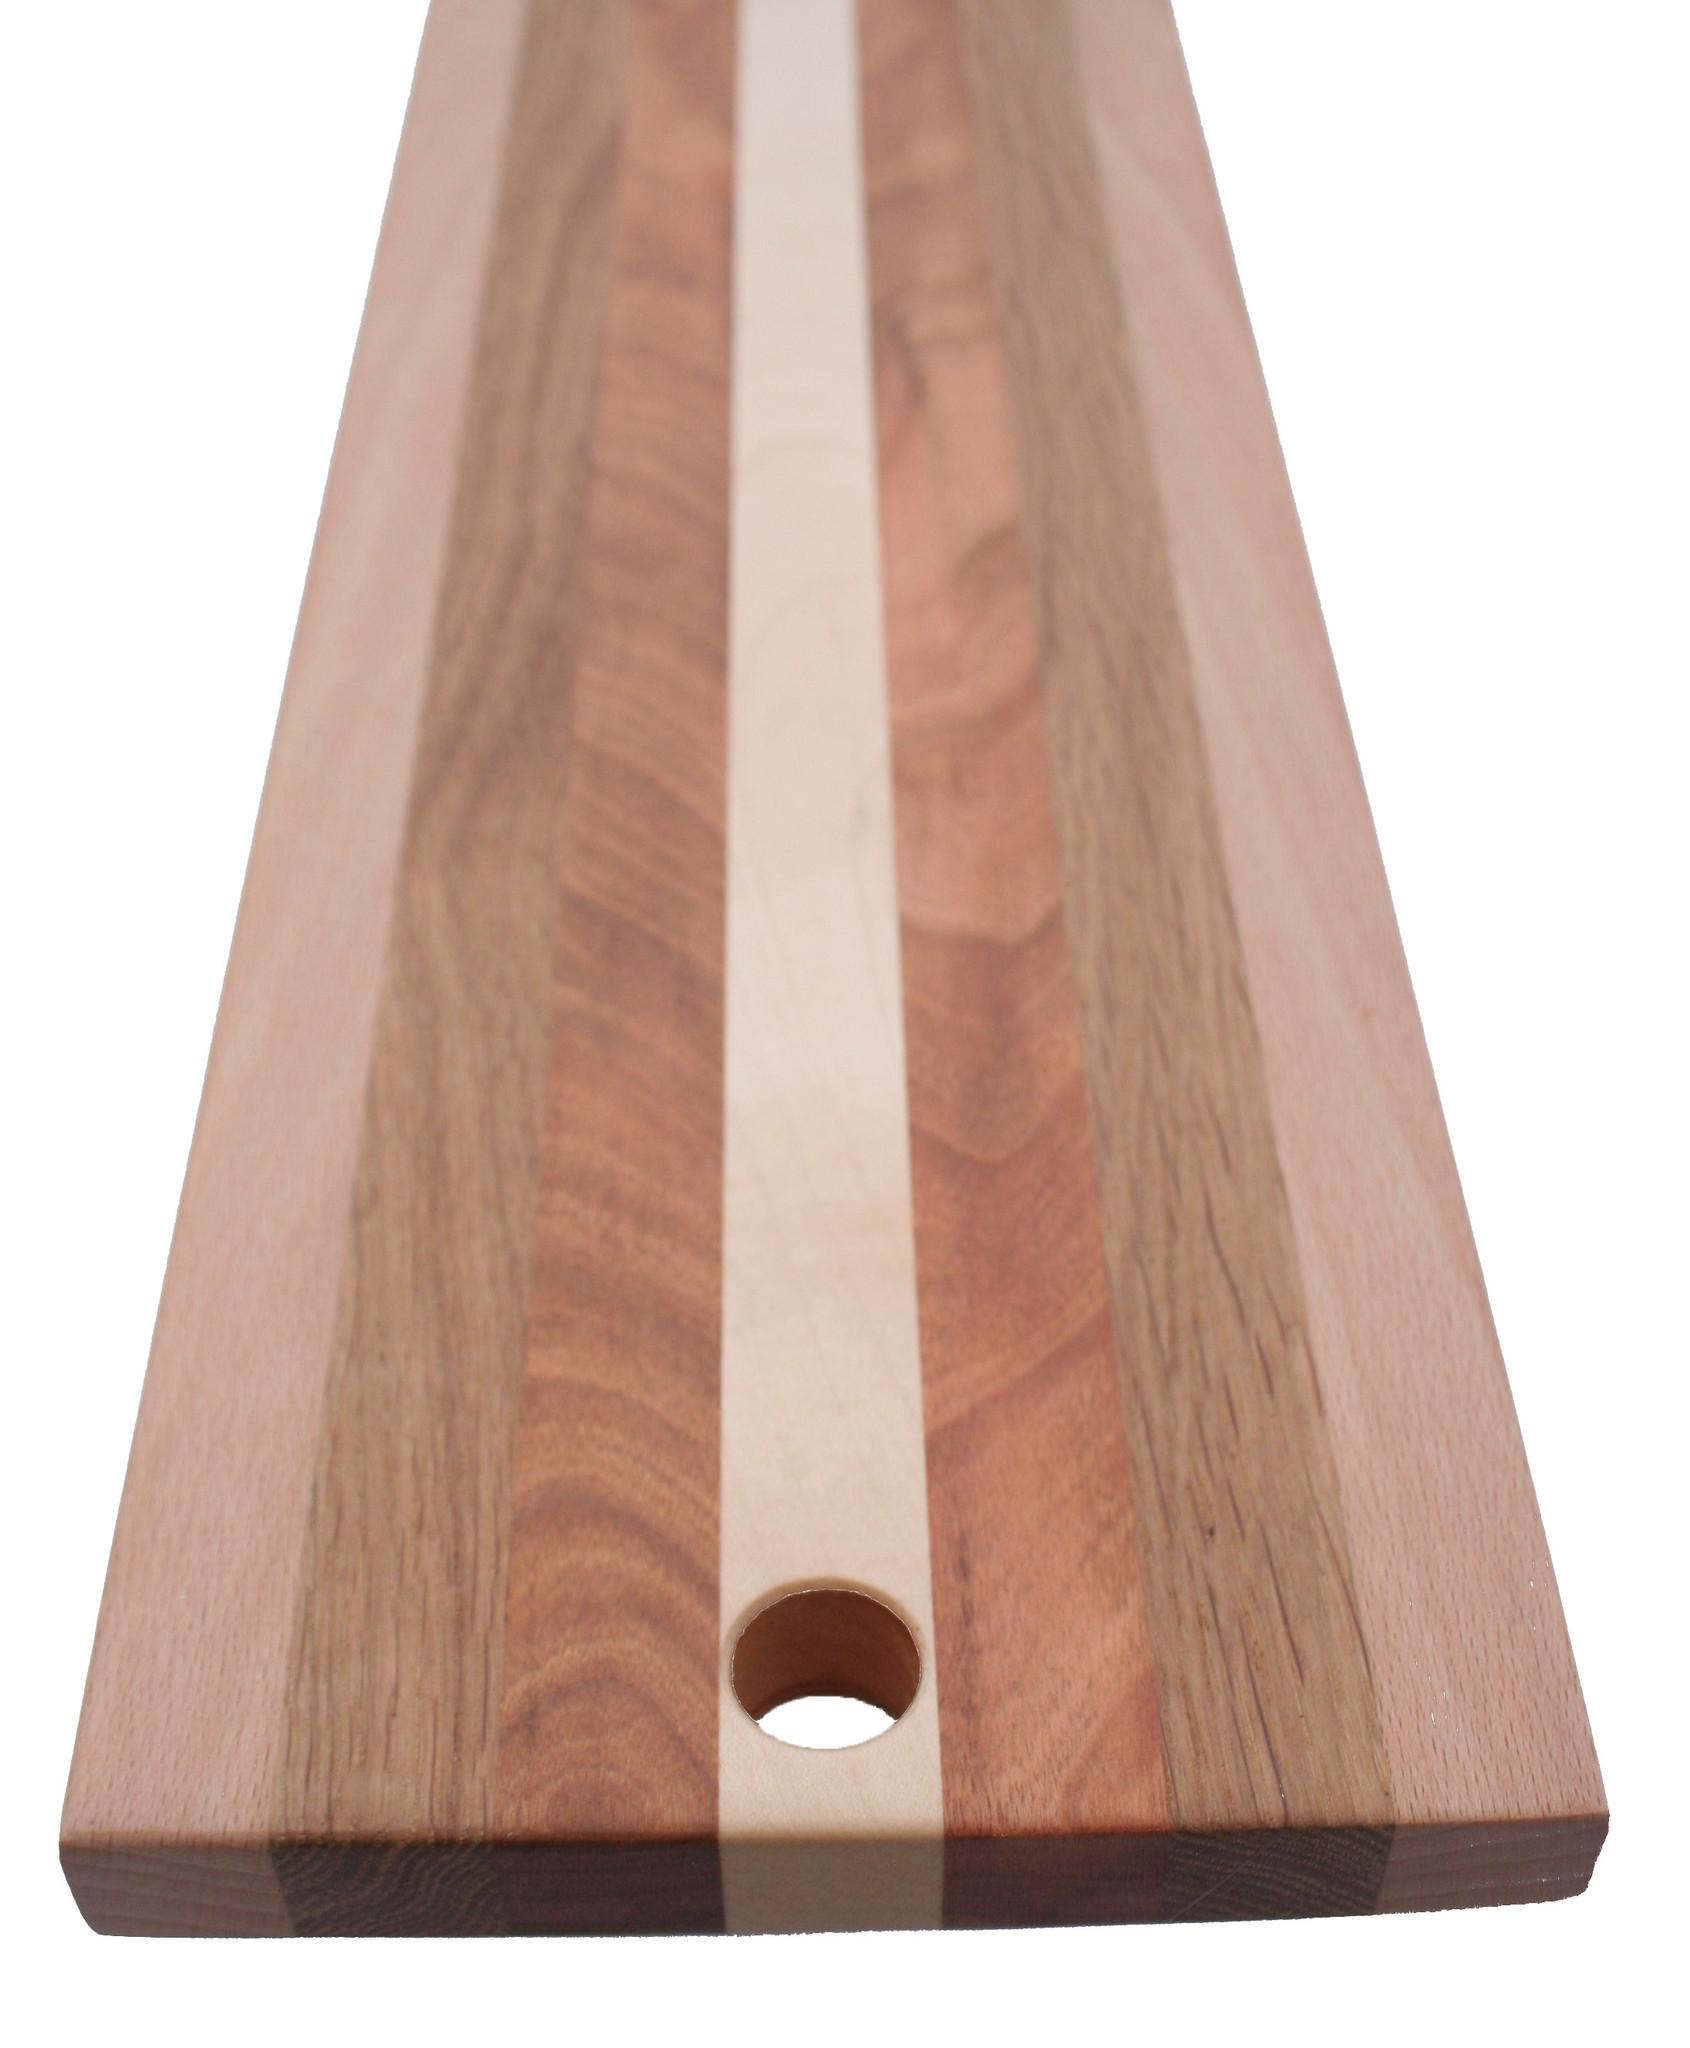 Kaasplank van louter Nederlands hout, esdoorn, kers, eik en beuk, verkrijgbaar in 3 formaten